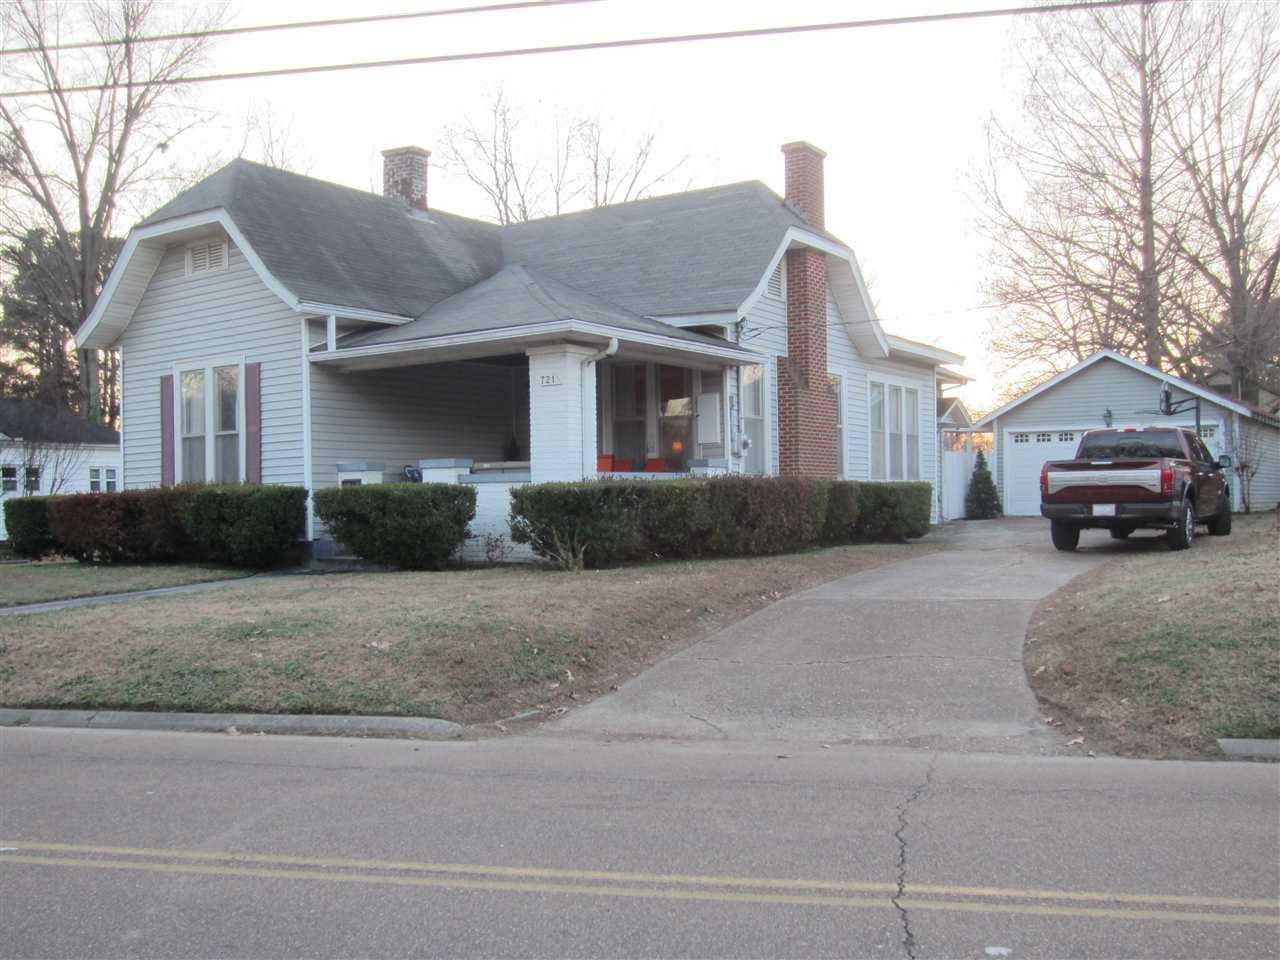 721 Main, Covington, TN 38019